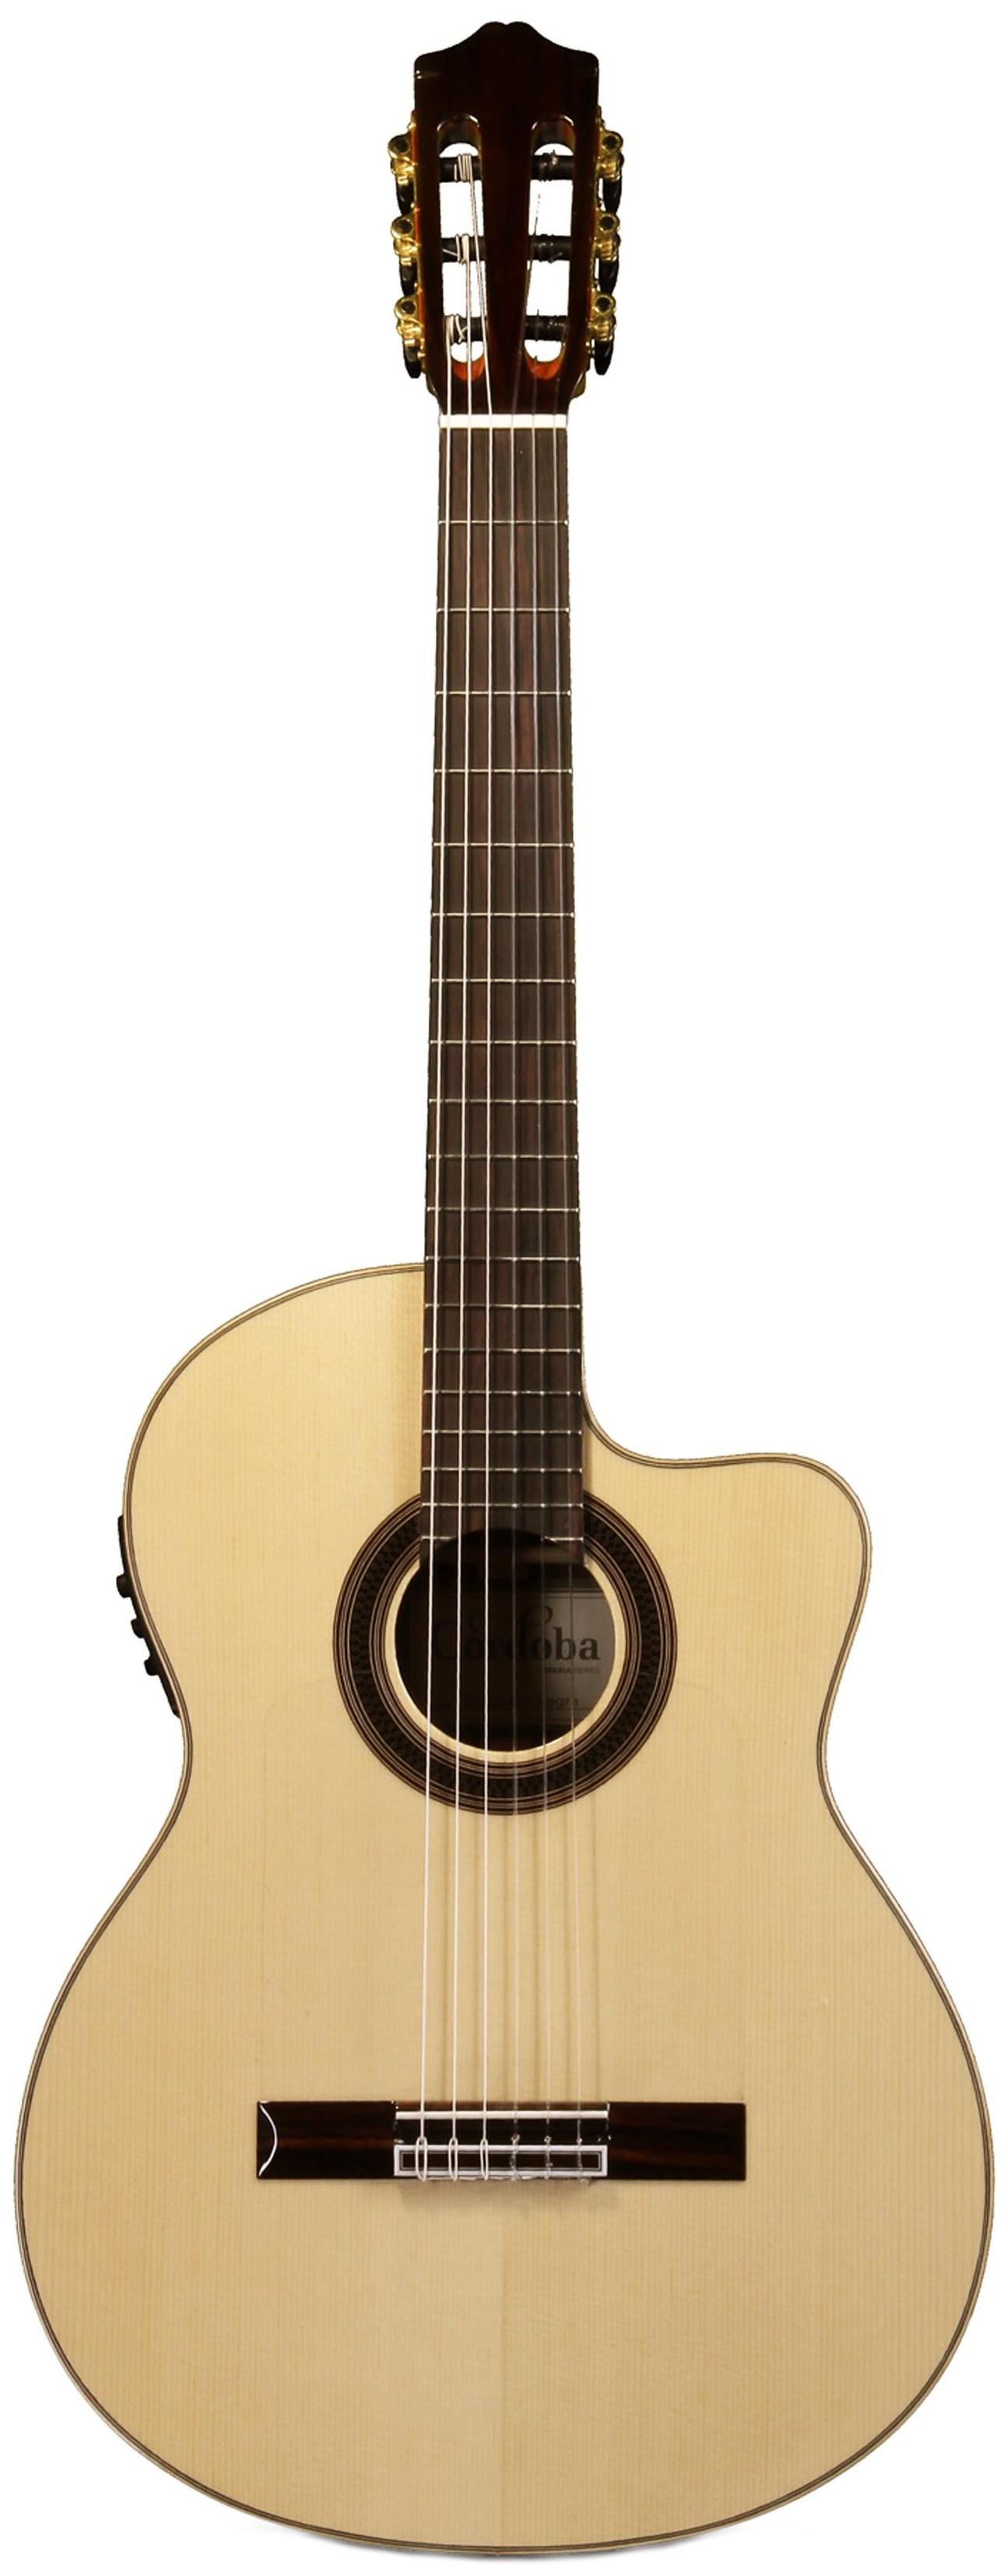 Акустическая гитара Cordoba Iberia GK Studio Negra